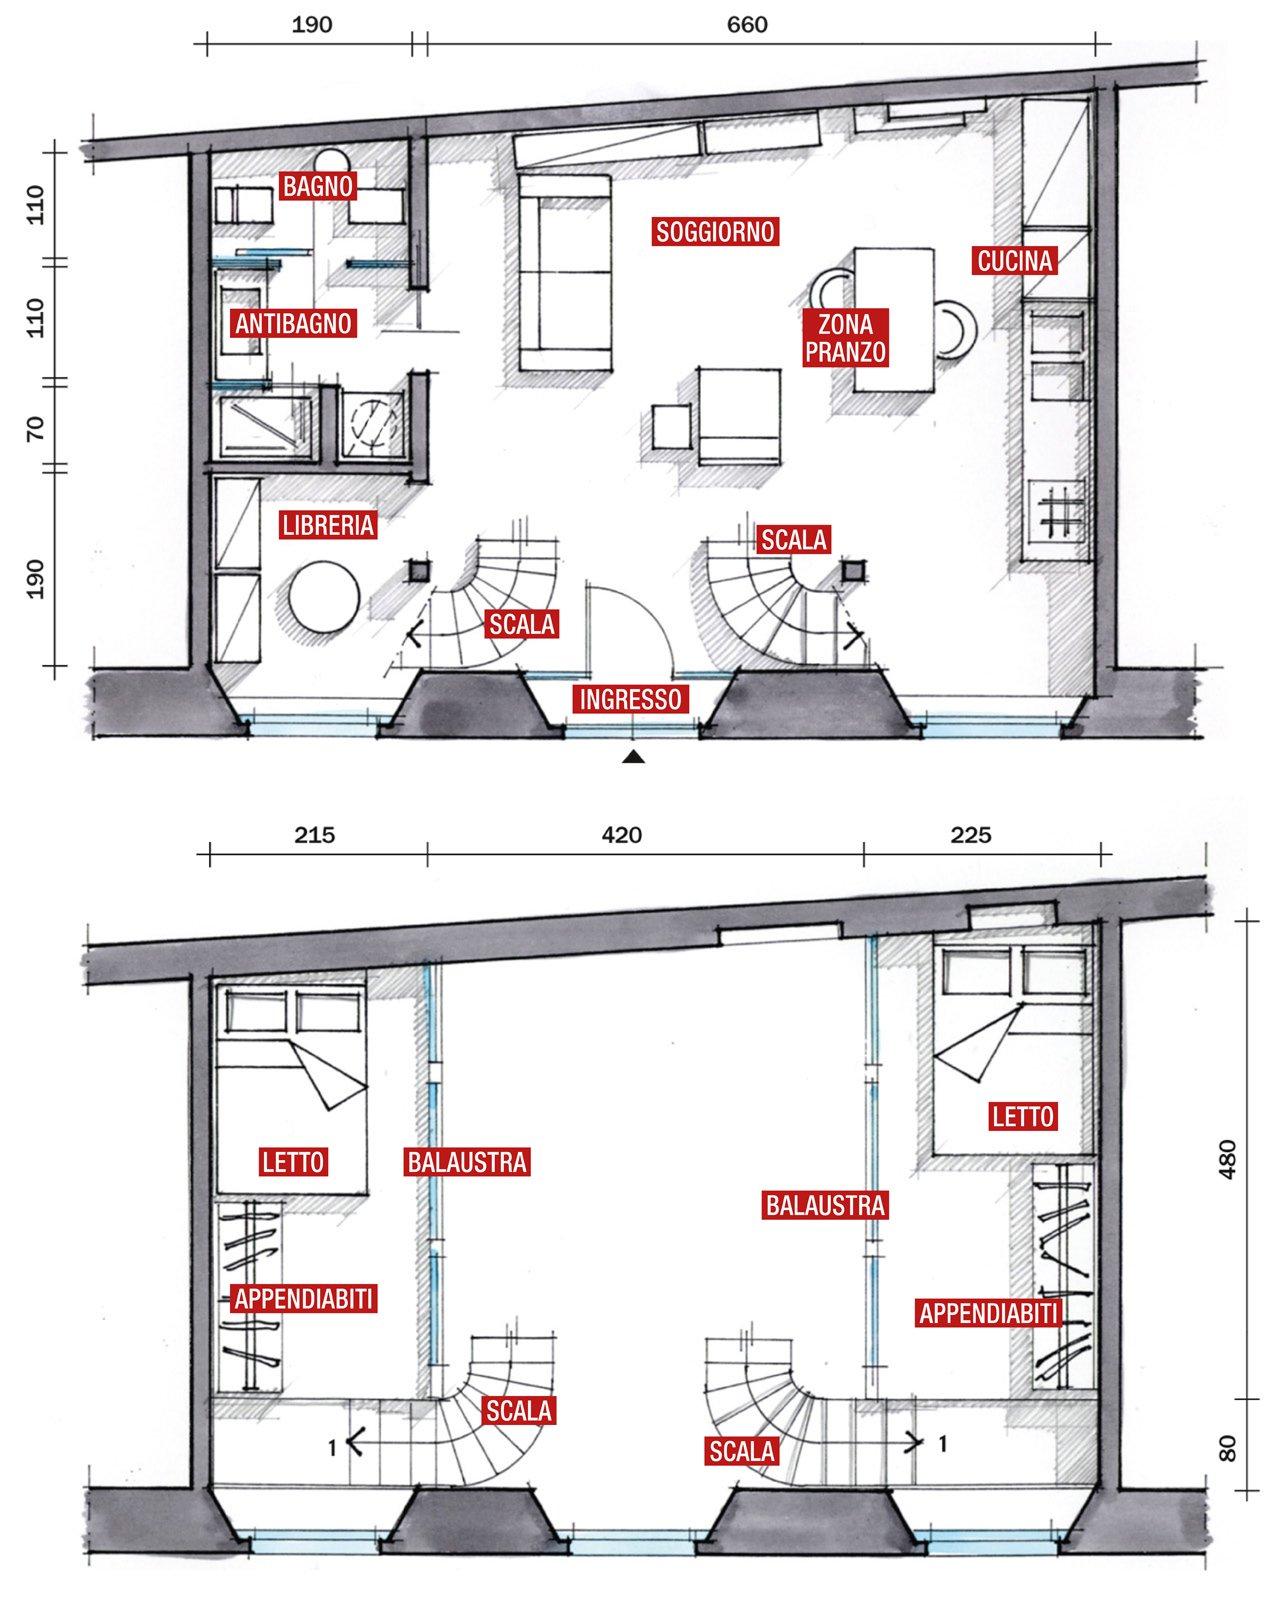 Mini loft la casa recupera spazio con nuovi soppalchi for 2 metri quadrati di garage